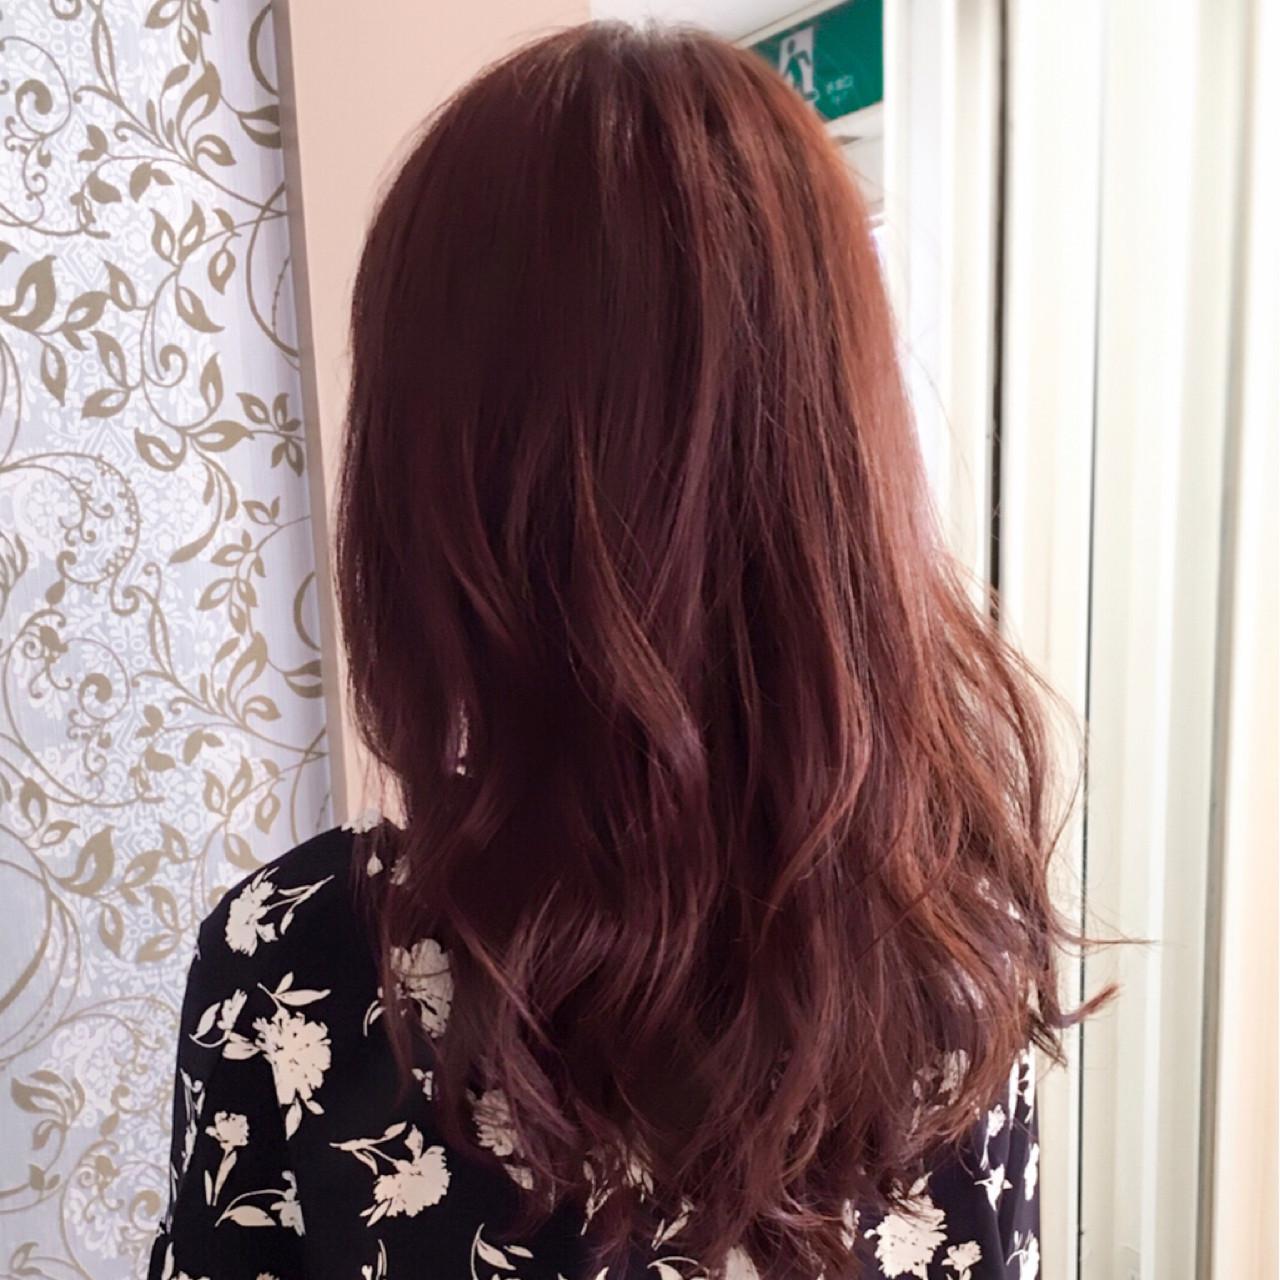 フェミニンな髪色でモテを目指す!ピンクアッシュでつくるスウィートヘア 大岡弘幸